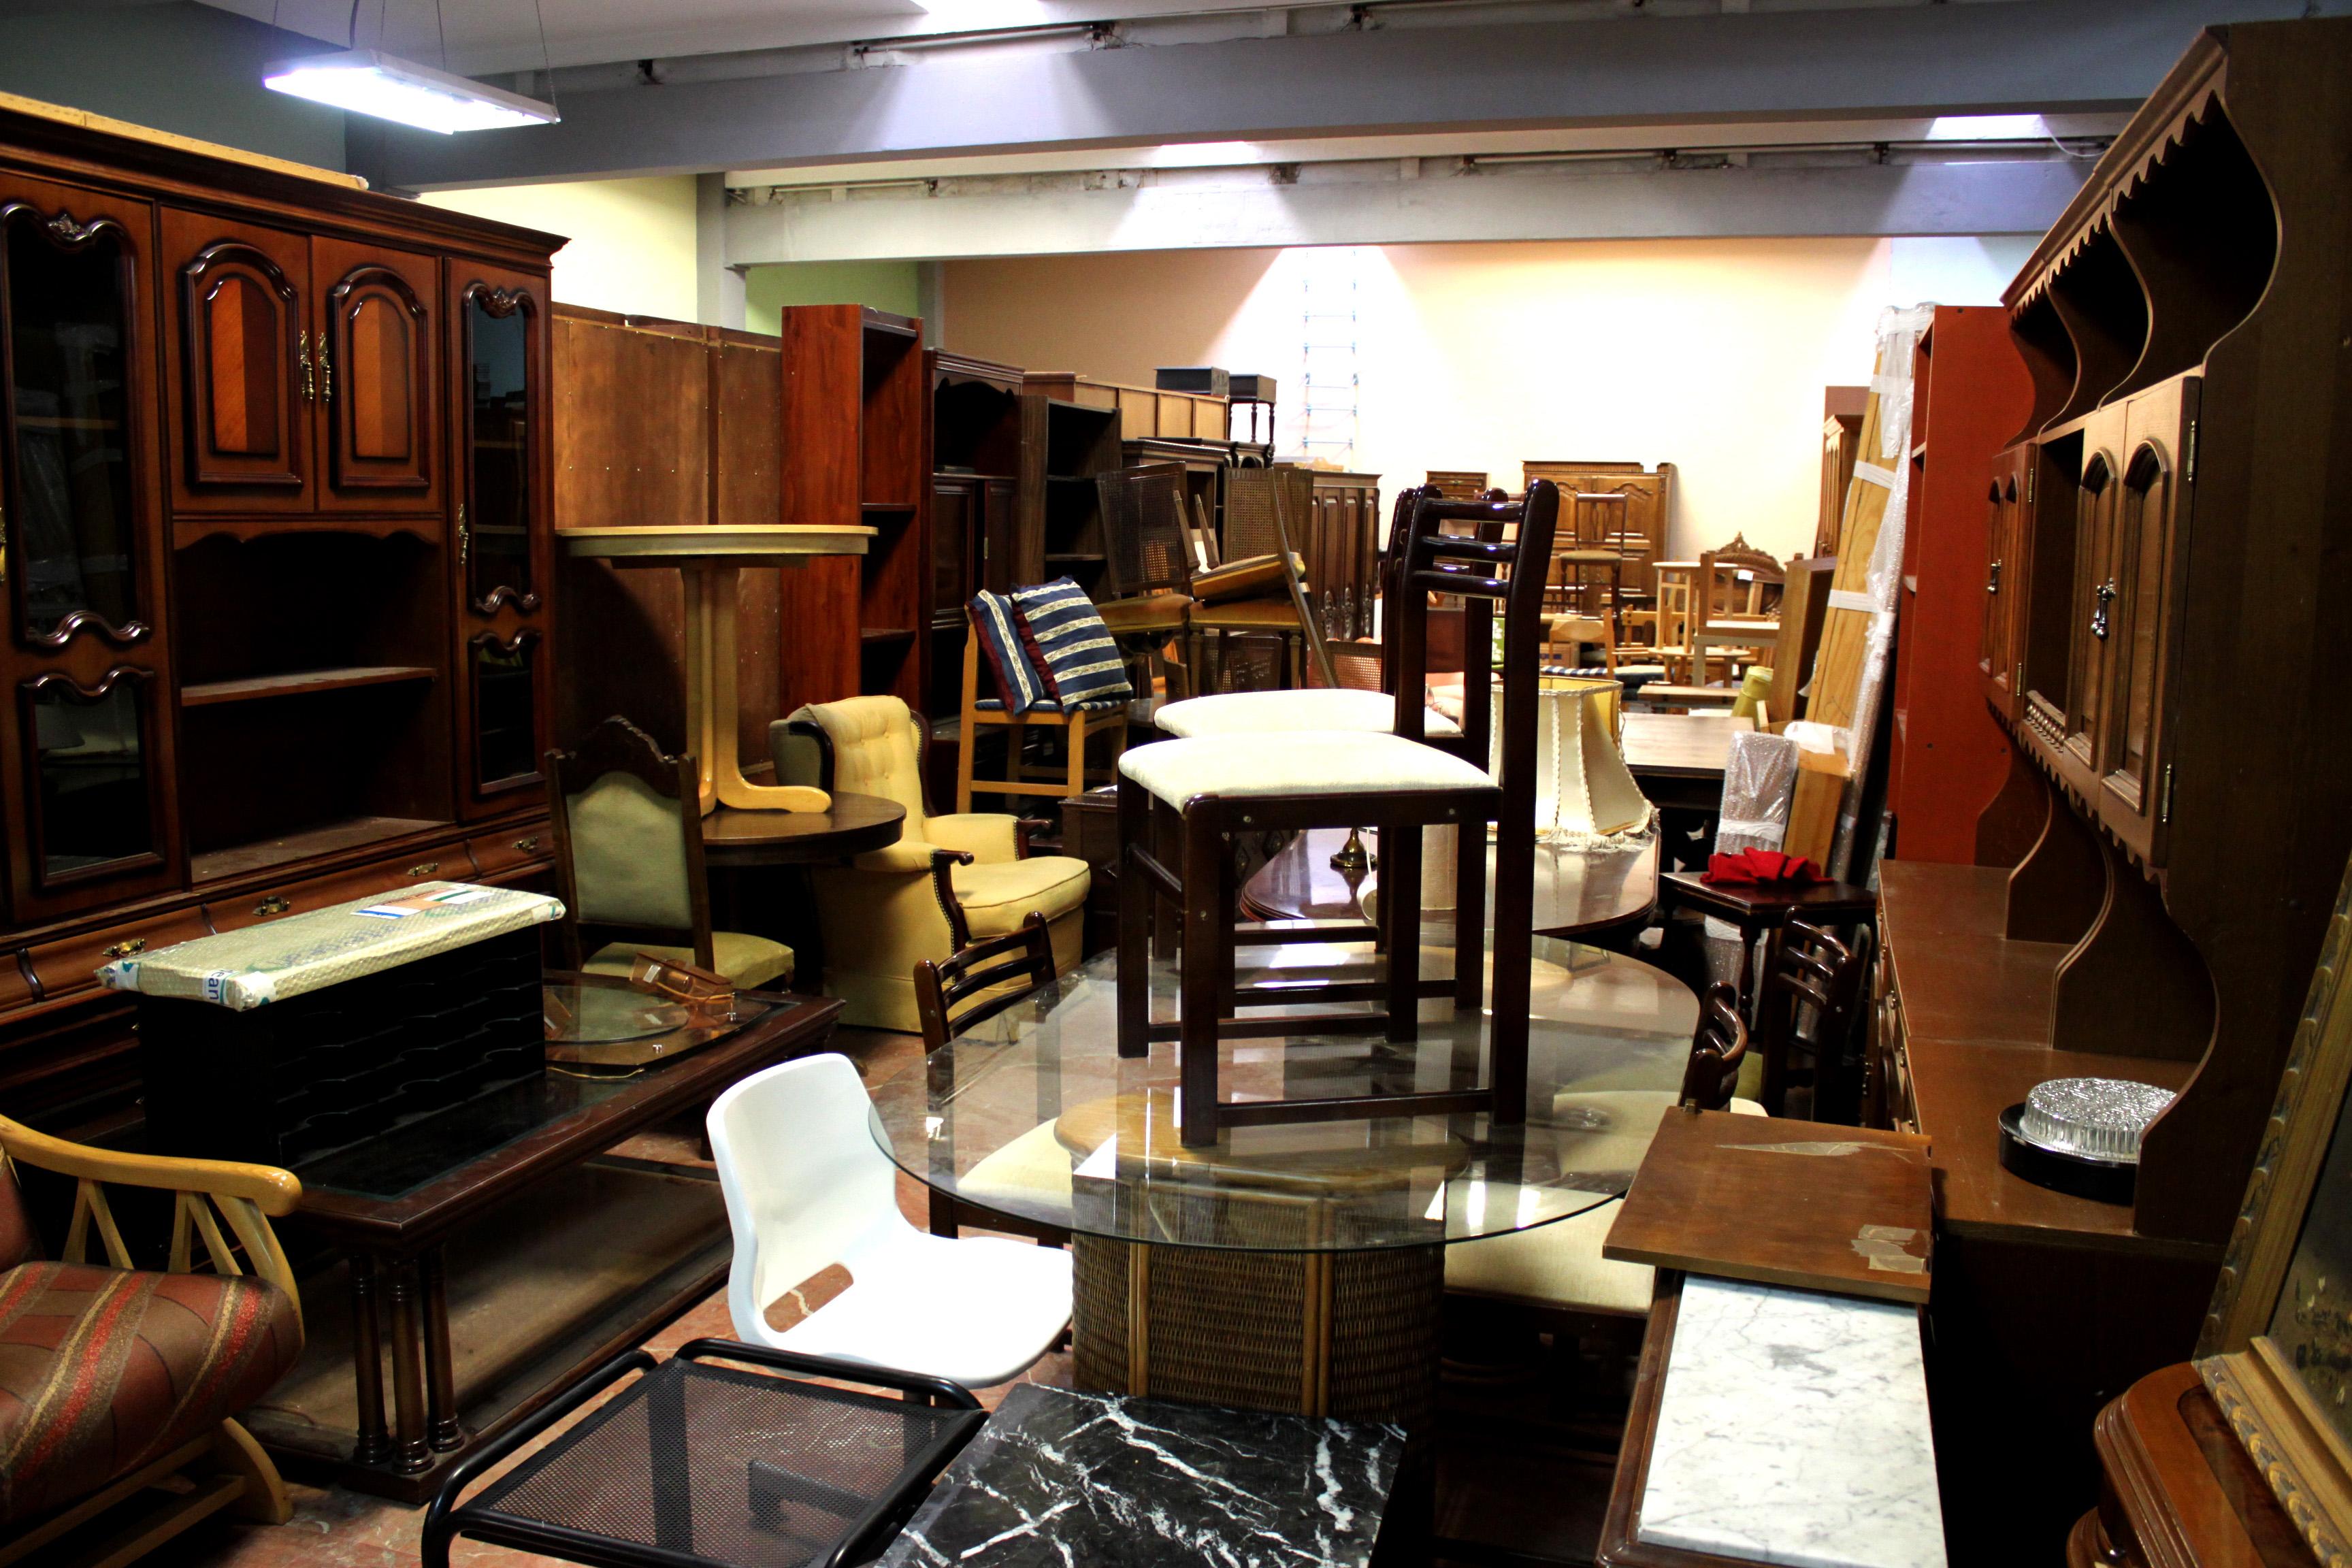 Mueble portada recogida de muebles enseres y ropa rastro betel - Muebles segunda mano sevilla ...